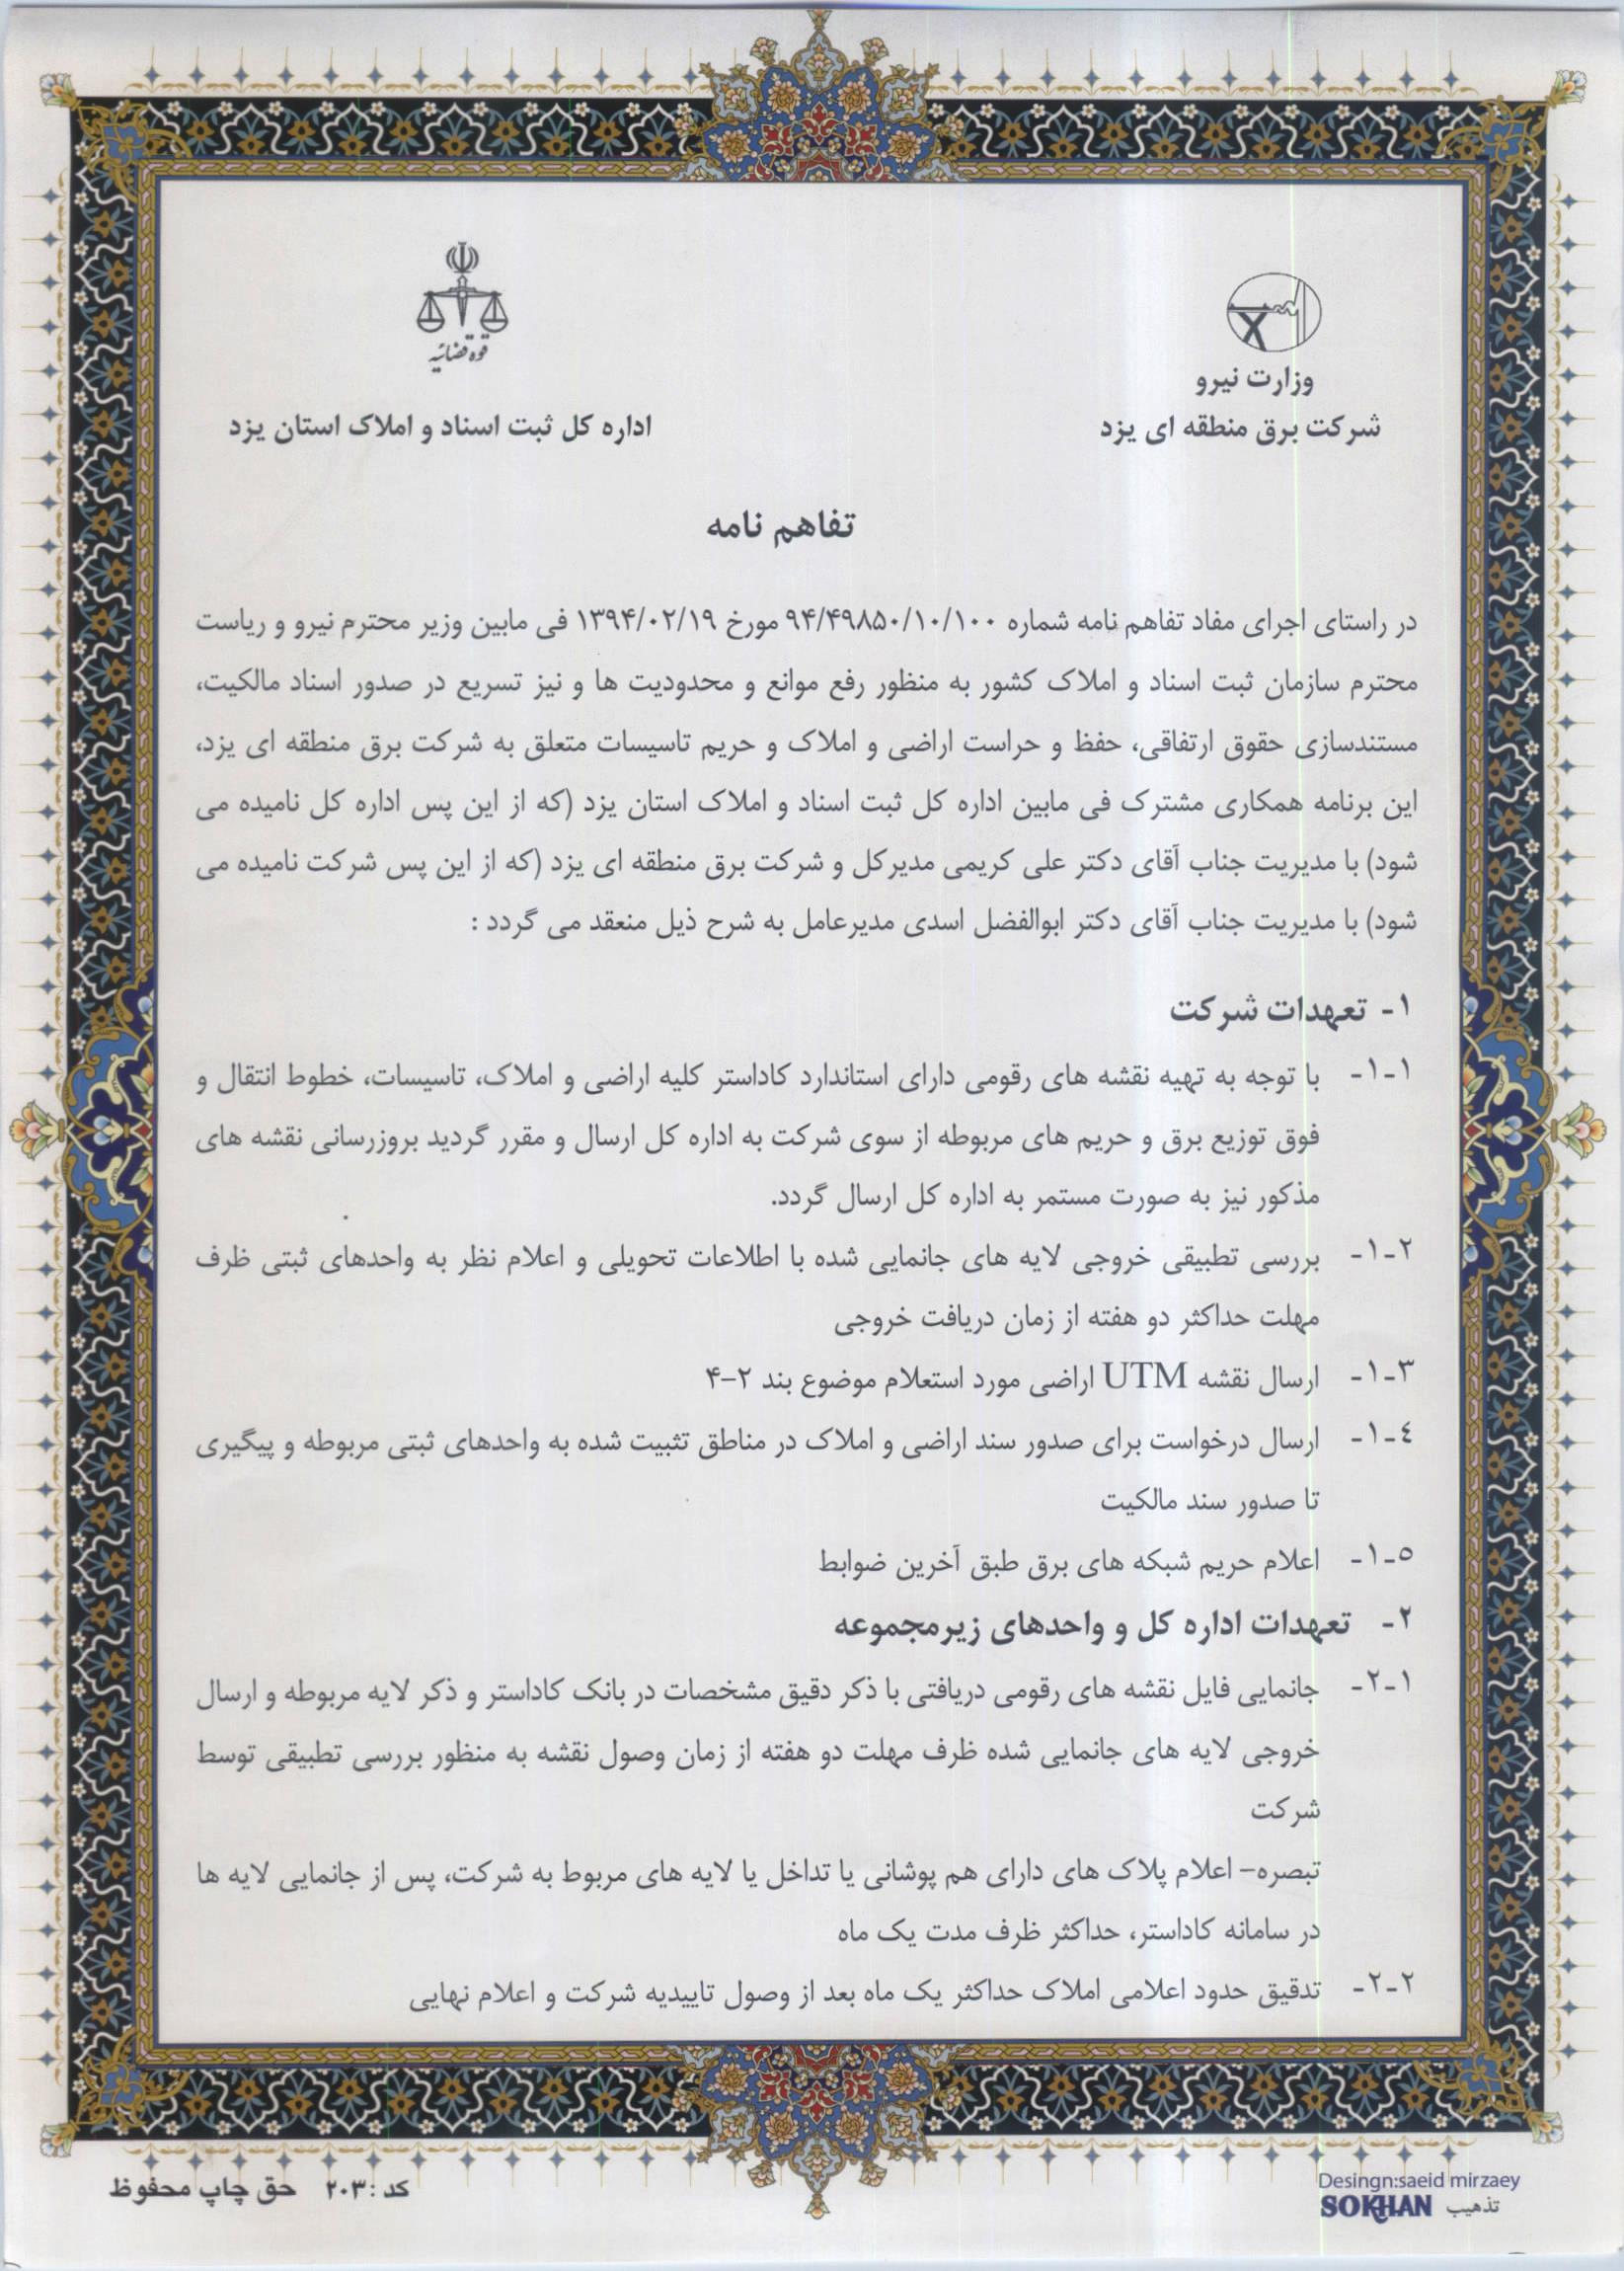 انعقاد تفاهم نامه همکاری برق منطقه ای یزد و اداره کل ثبت اسناد و املاک استان